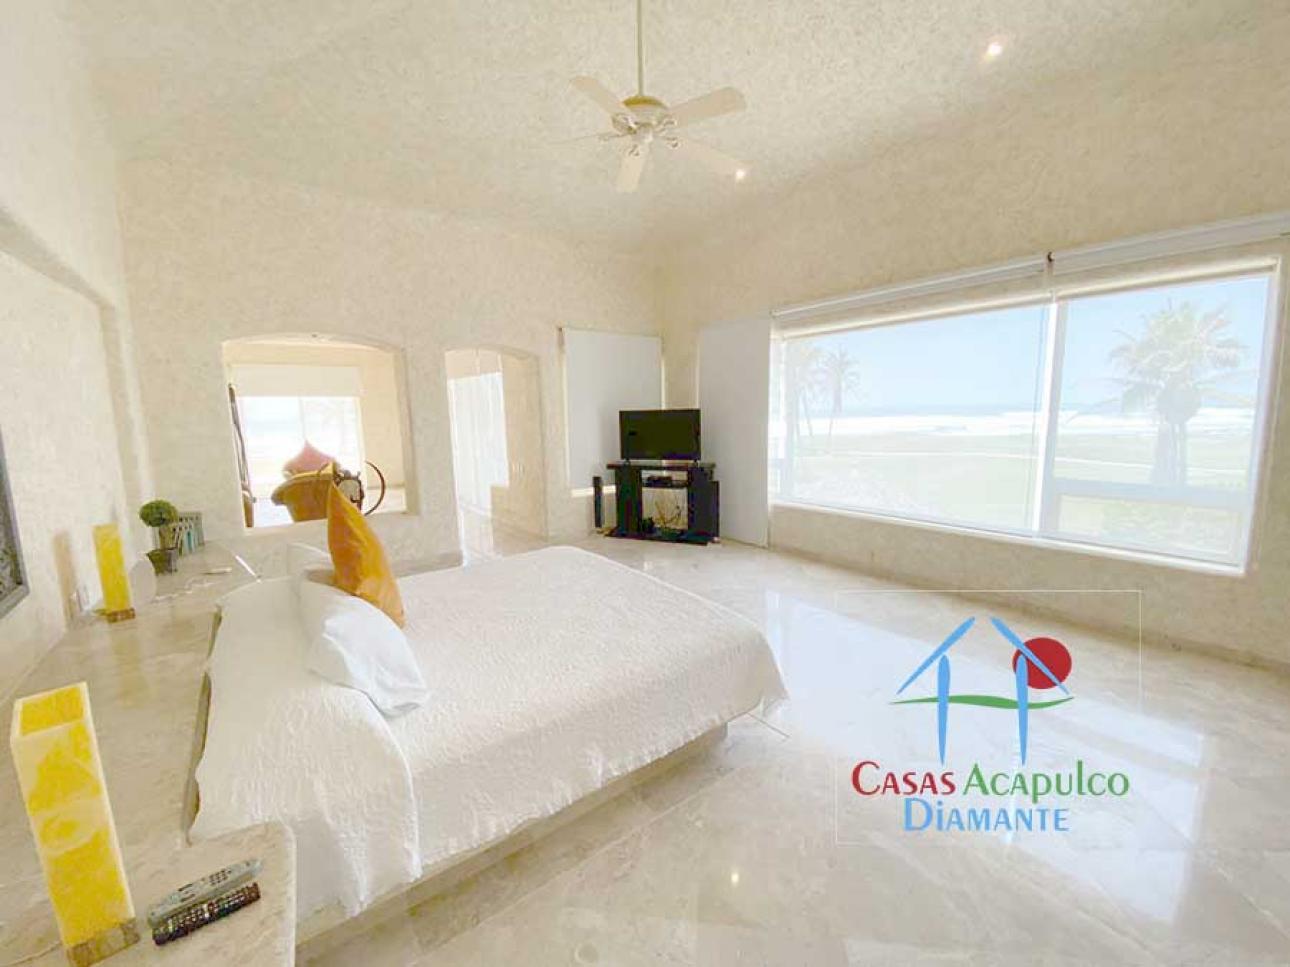 Casas Acapulco Diamante, Renta Vacacional de Casa en Club de golf 3 Vidas   Acapulco